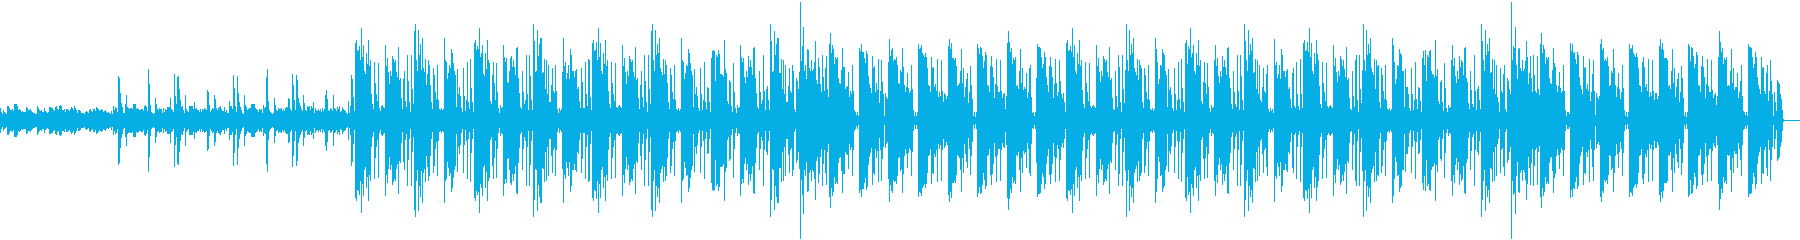 キーボードとリズムマシーンによる曲の再生済みの波形